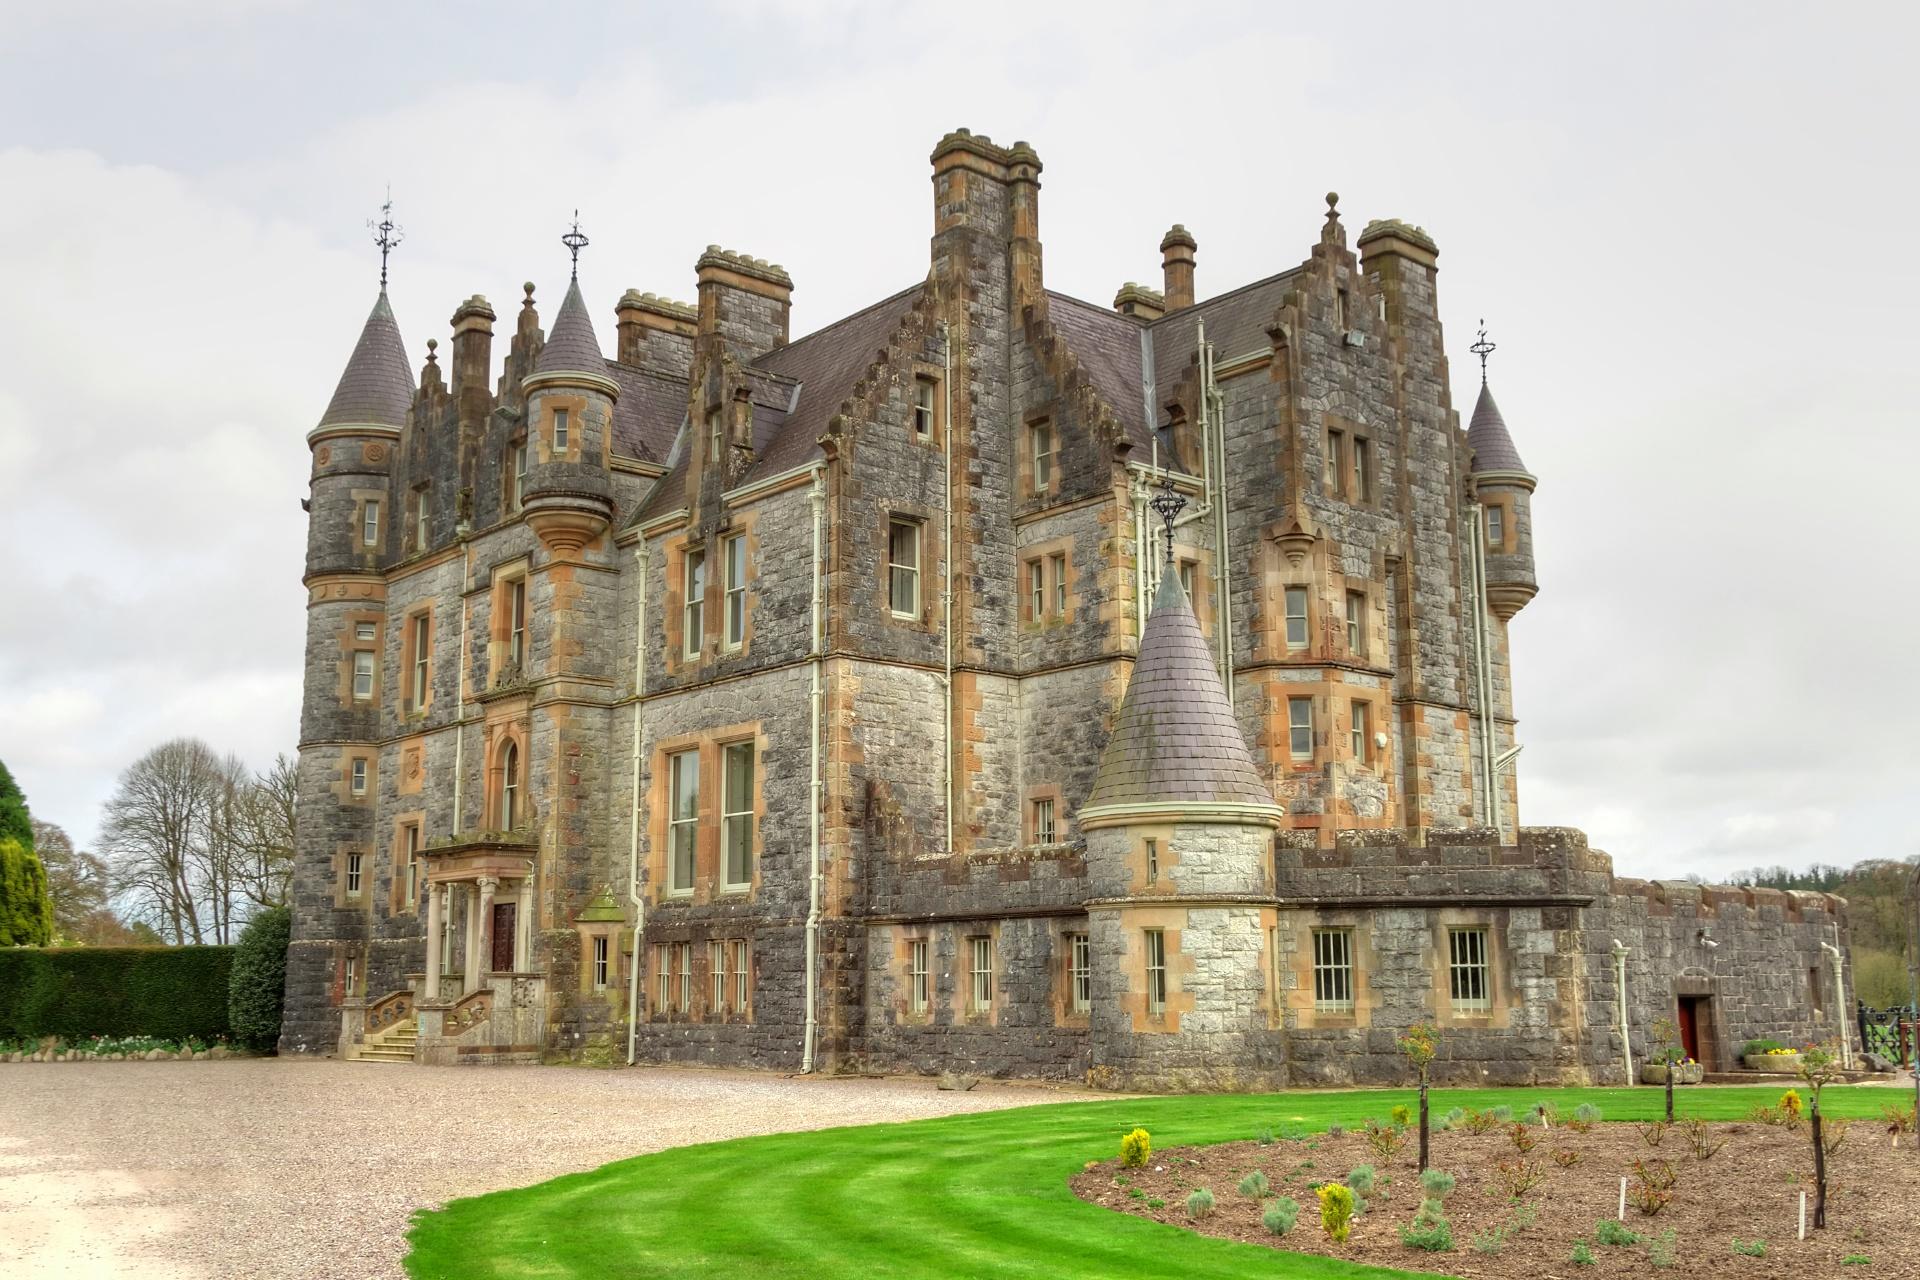 ブラーニーハウス アイルランドの風景